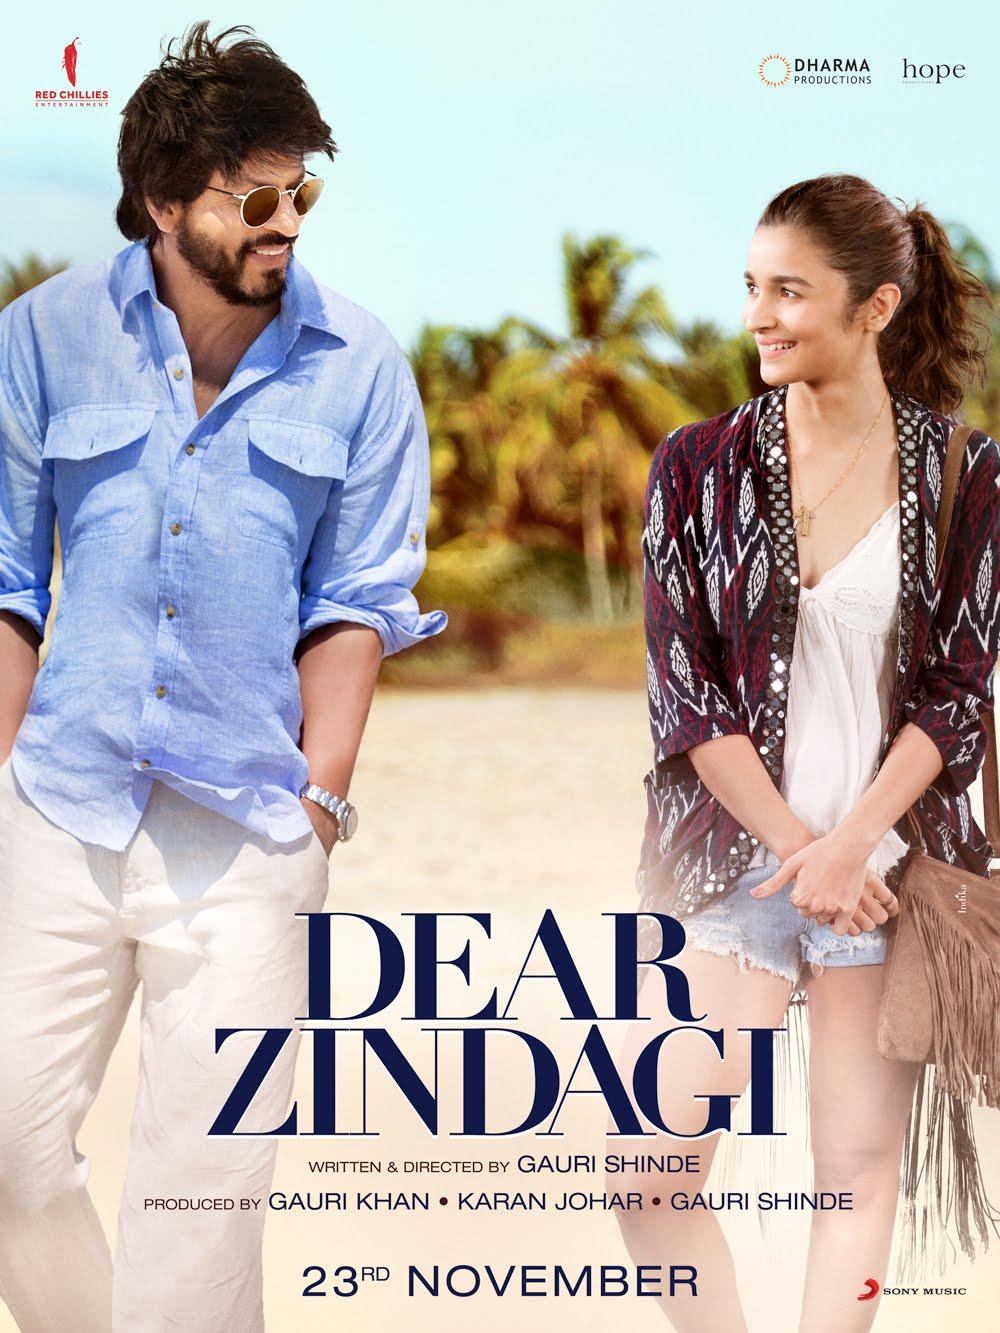 Dear Zindagi (2016) Hindi 720p WEB-DL x264 1.2GB Free Download